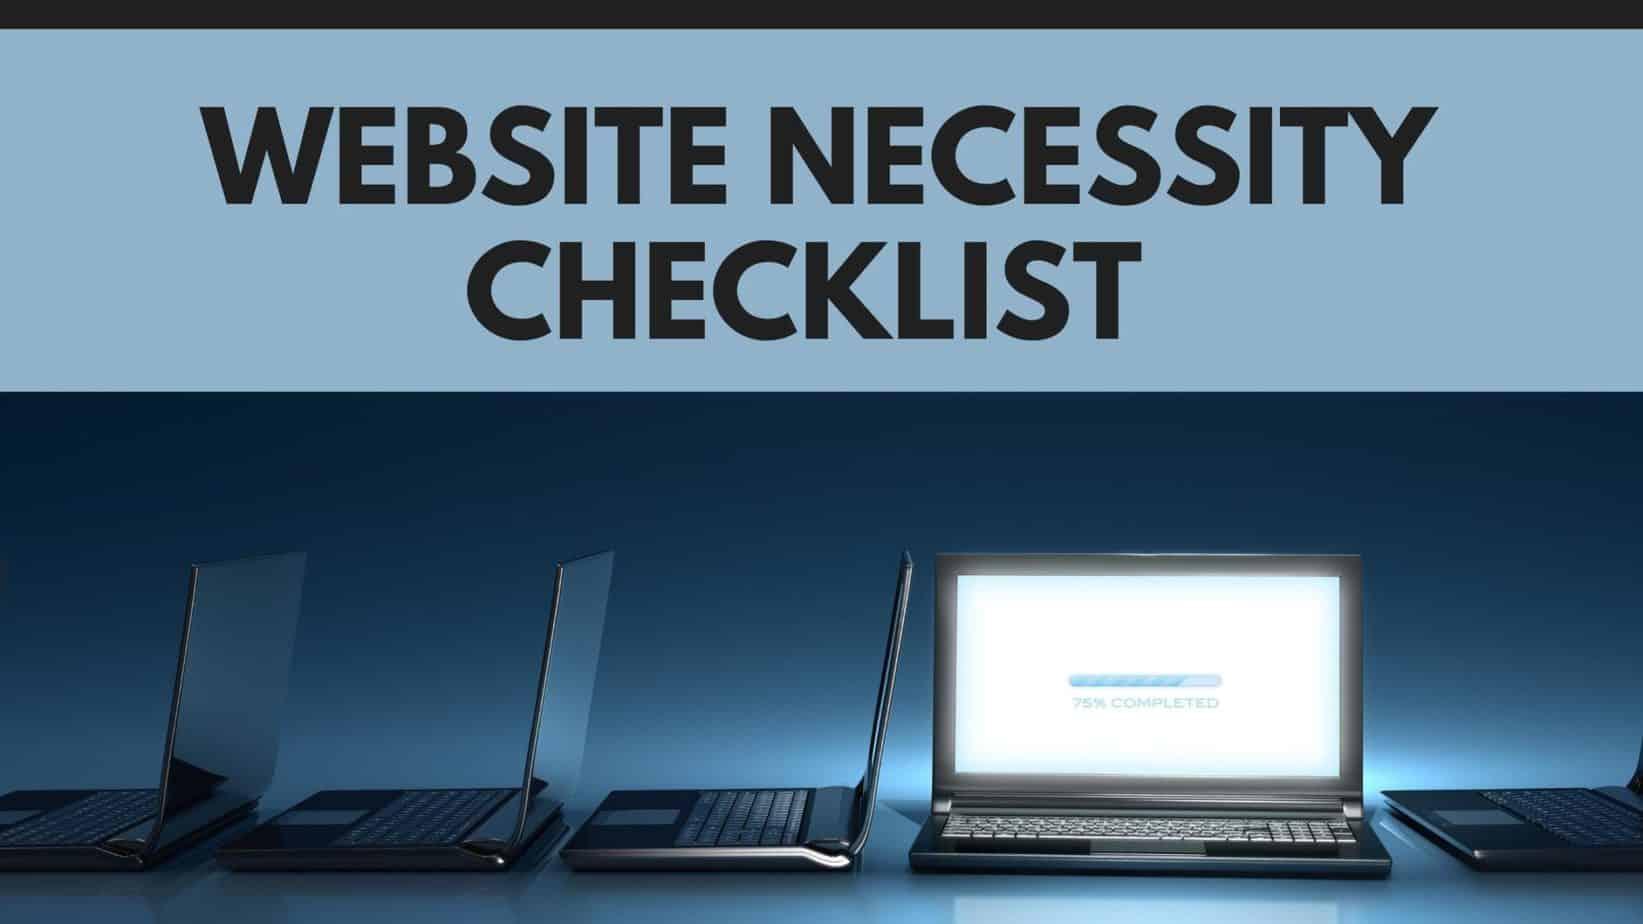 Website Necessity Checklist